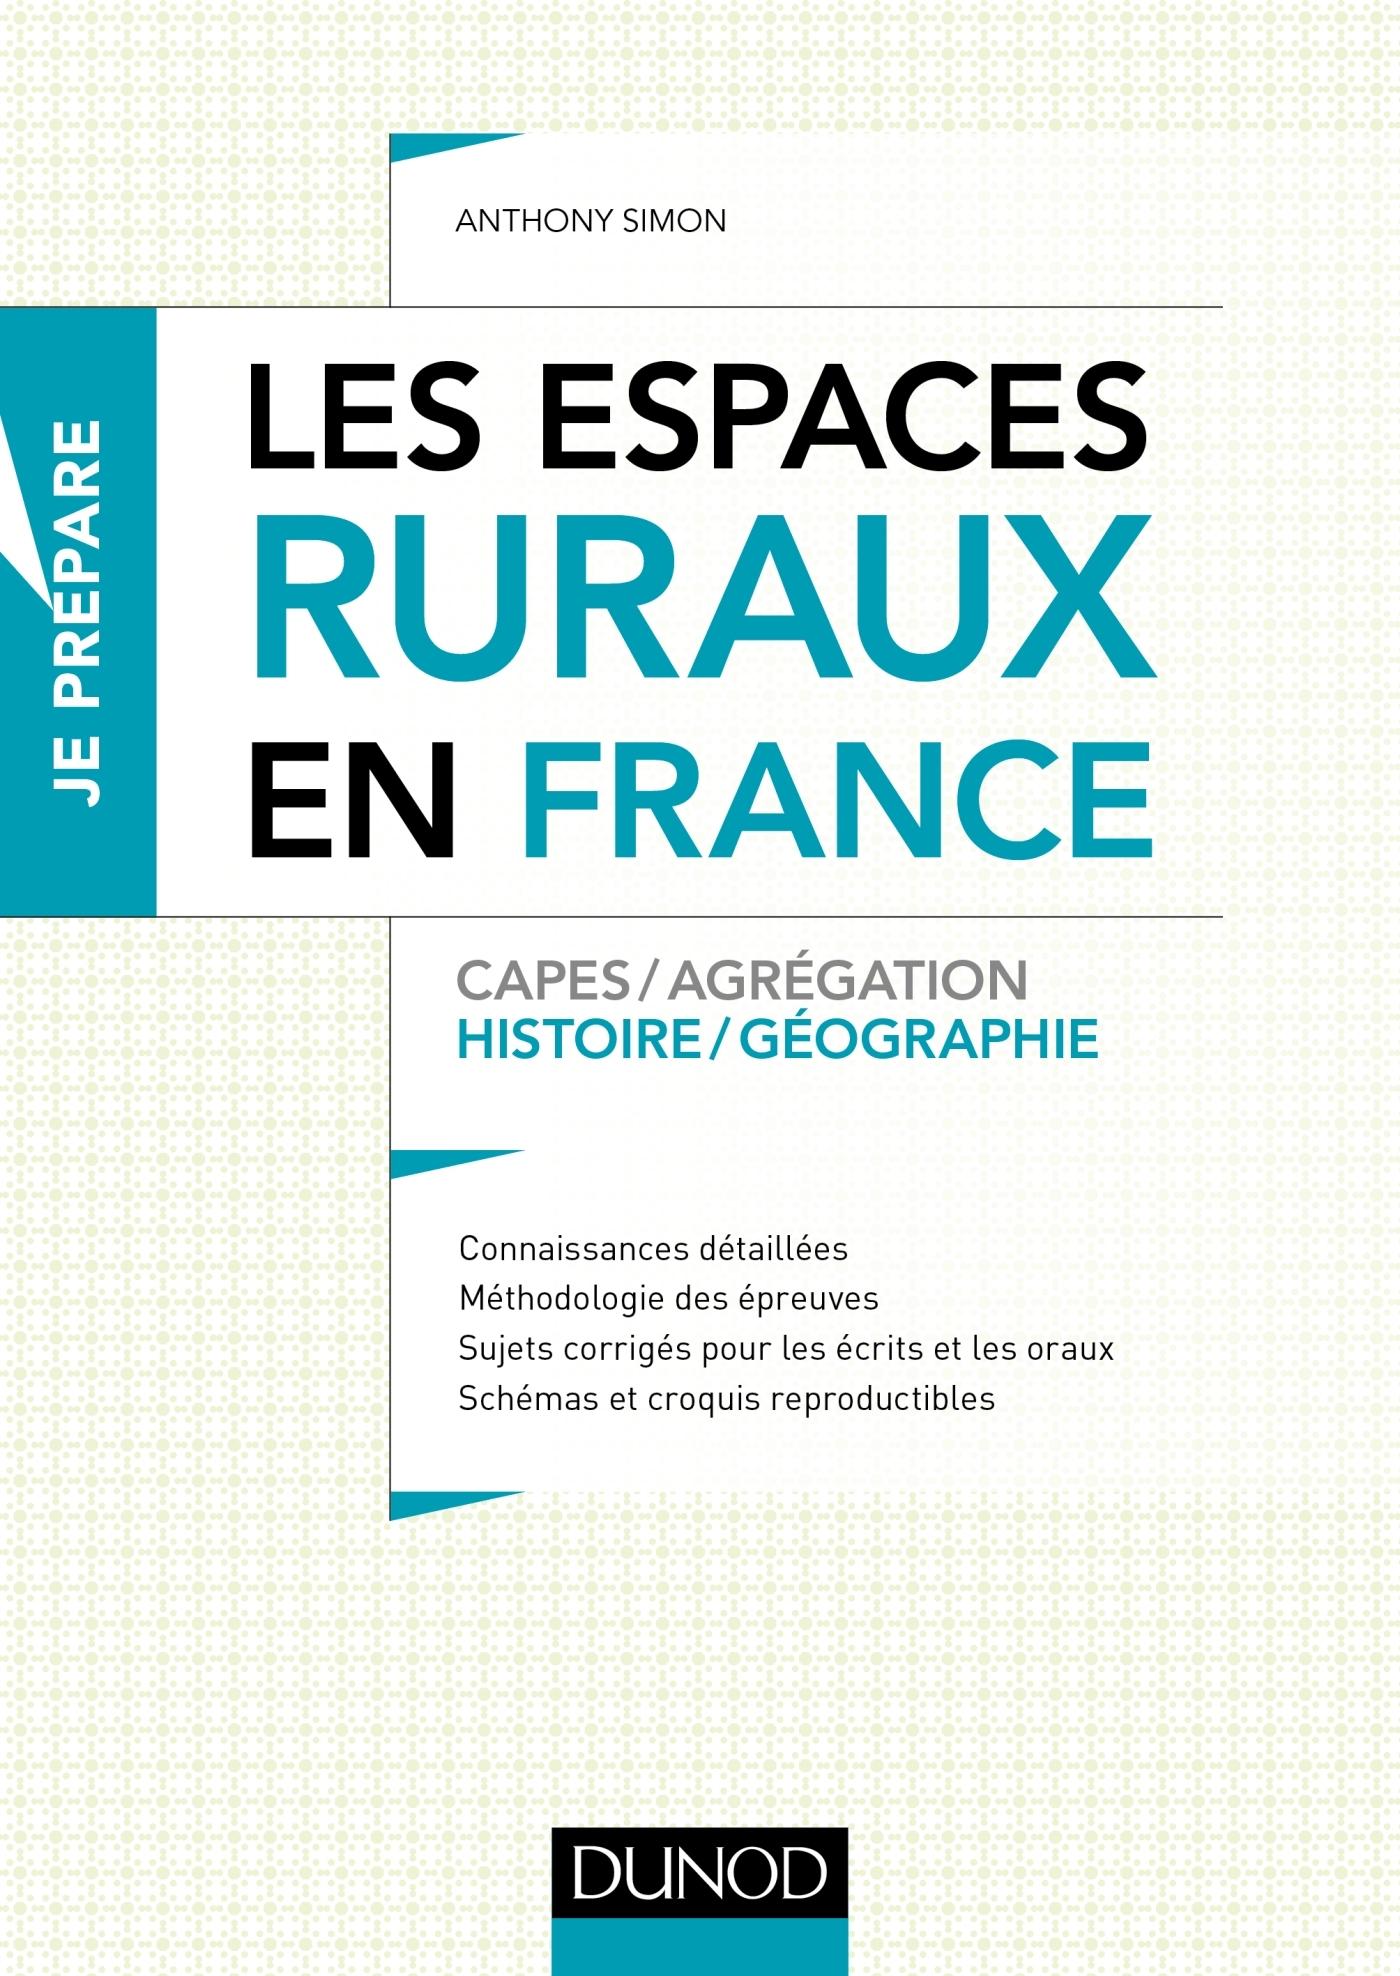 LES ESPACES RURAUX EN FRANCE - CAPES ET AGREGATION - HISTOIRE-GEOGRAPHIE